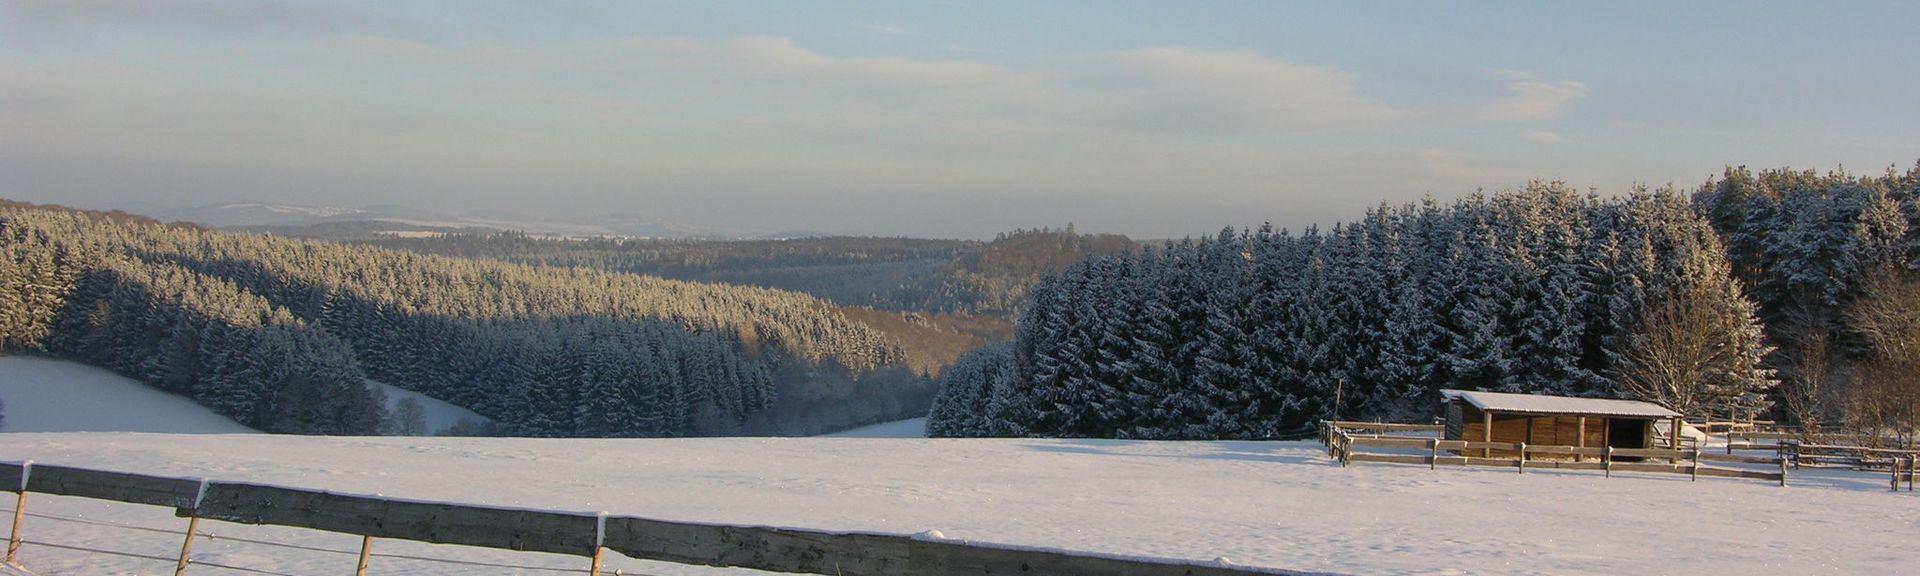 Borler, Rhineland-Palatinate, Germany